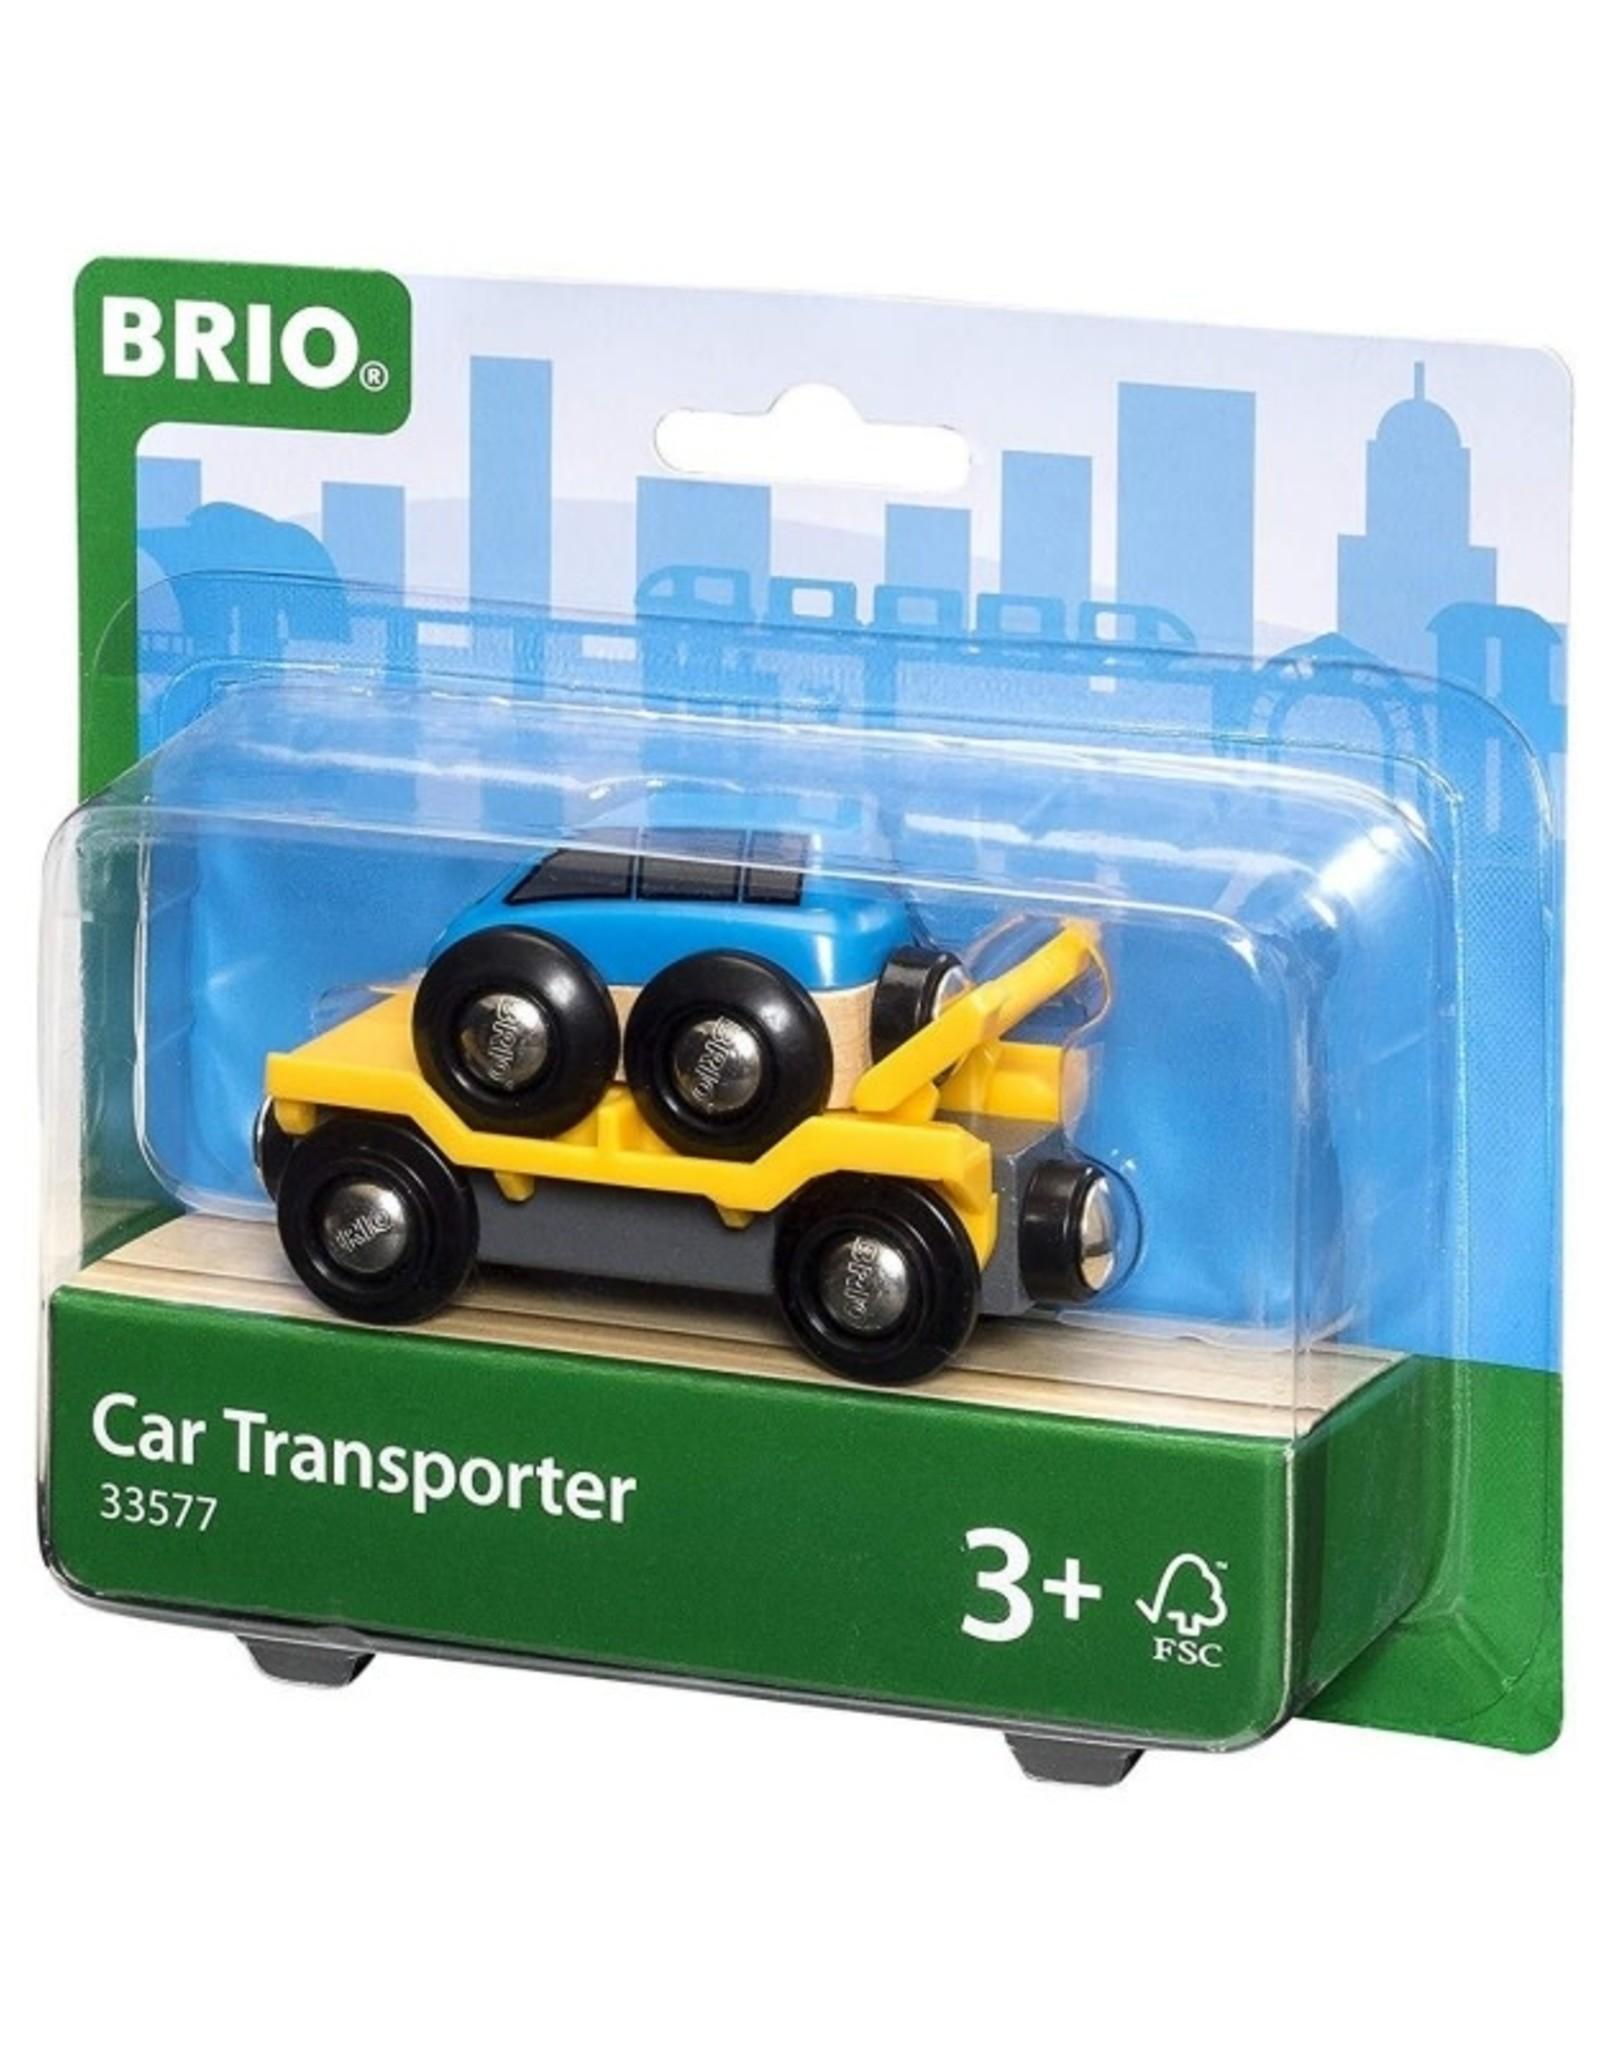 Brio BRIO - Car Transporter